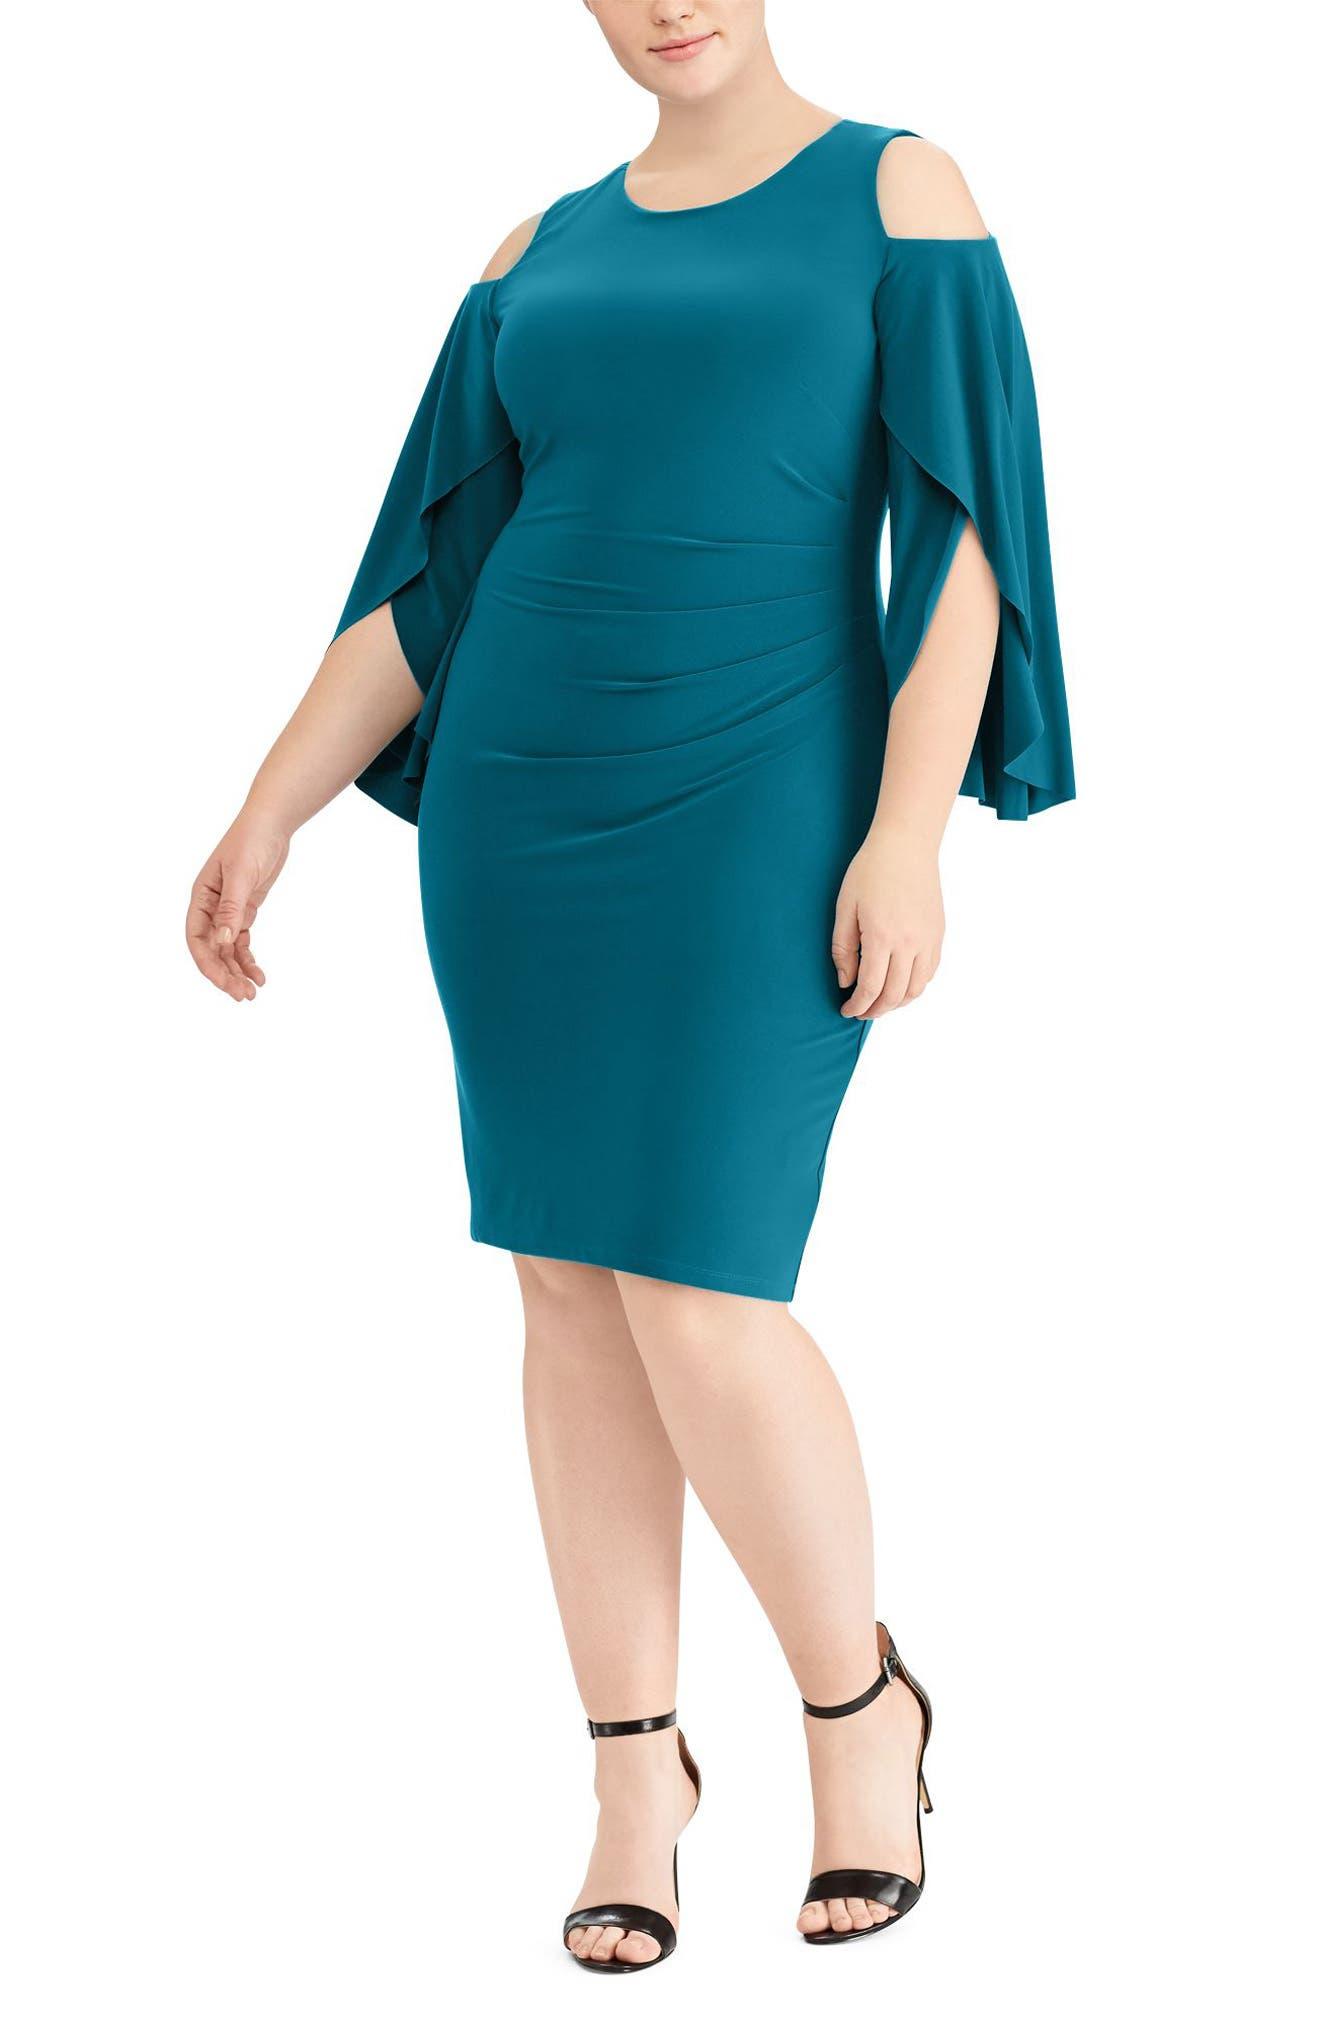 Debbie Cold-Shoulder Dress,                             Main thumbnail 1, color,                             340